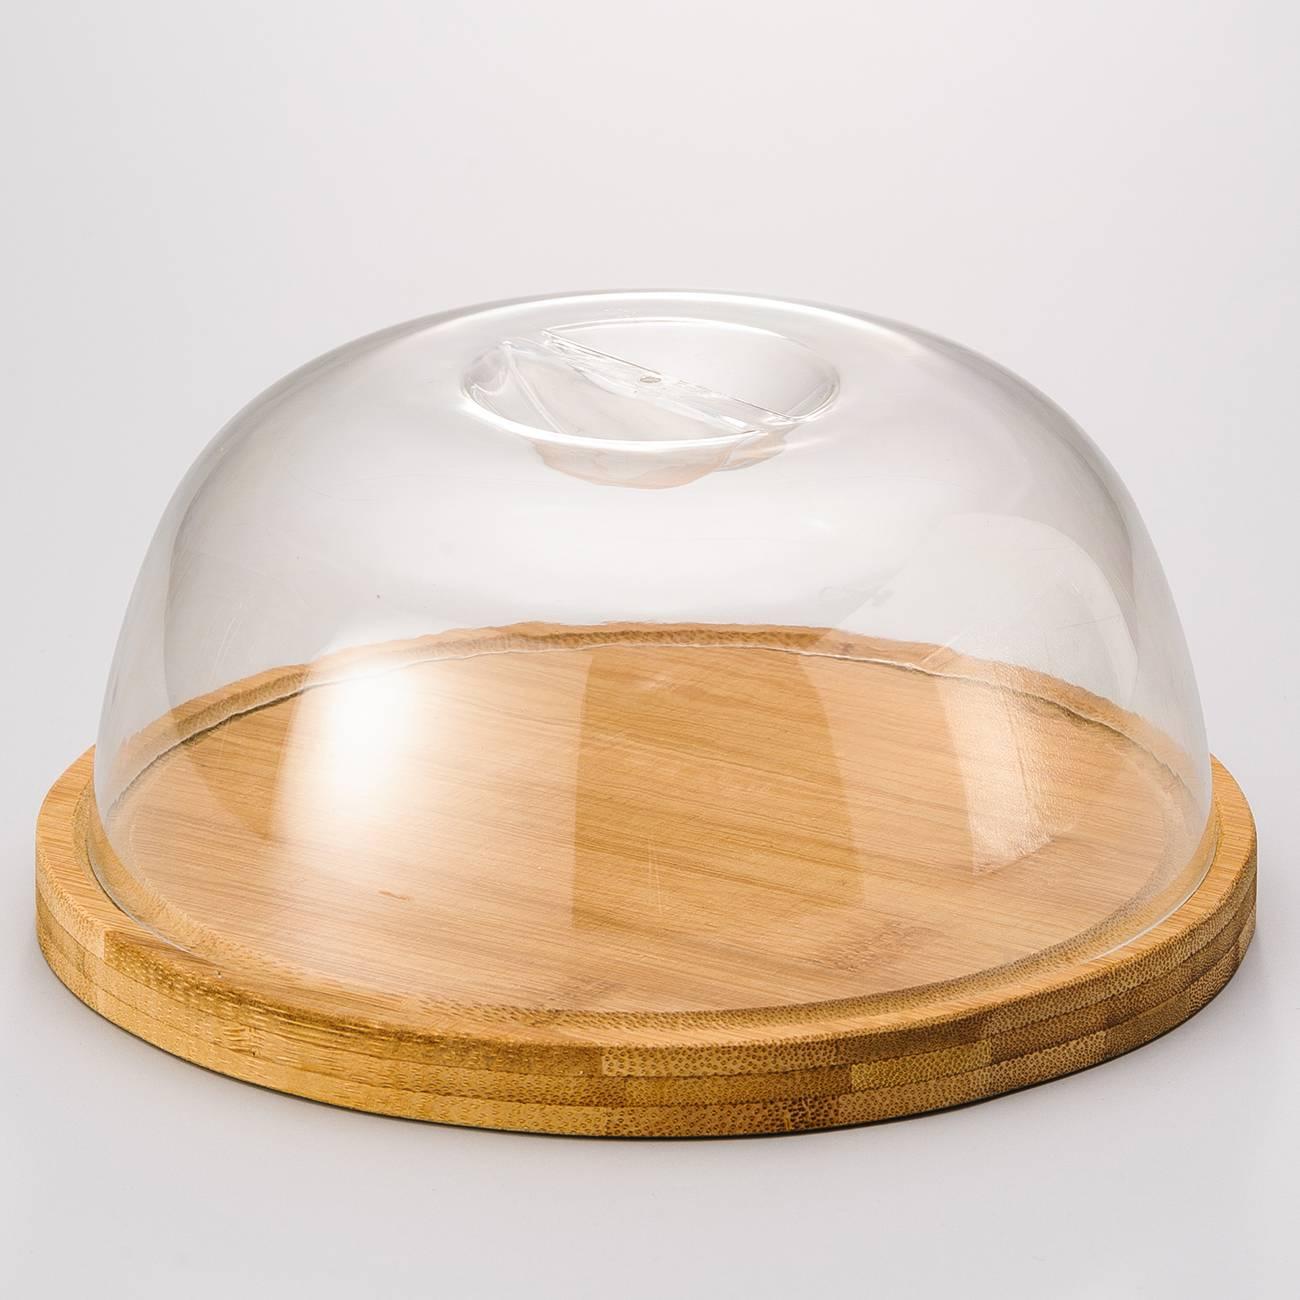 Tábua com Tampa Dome Round em Bambu - Bon Gourmet - 18x9 cm